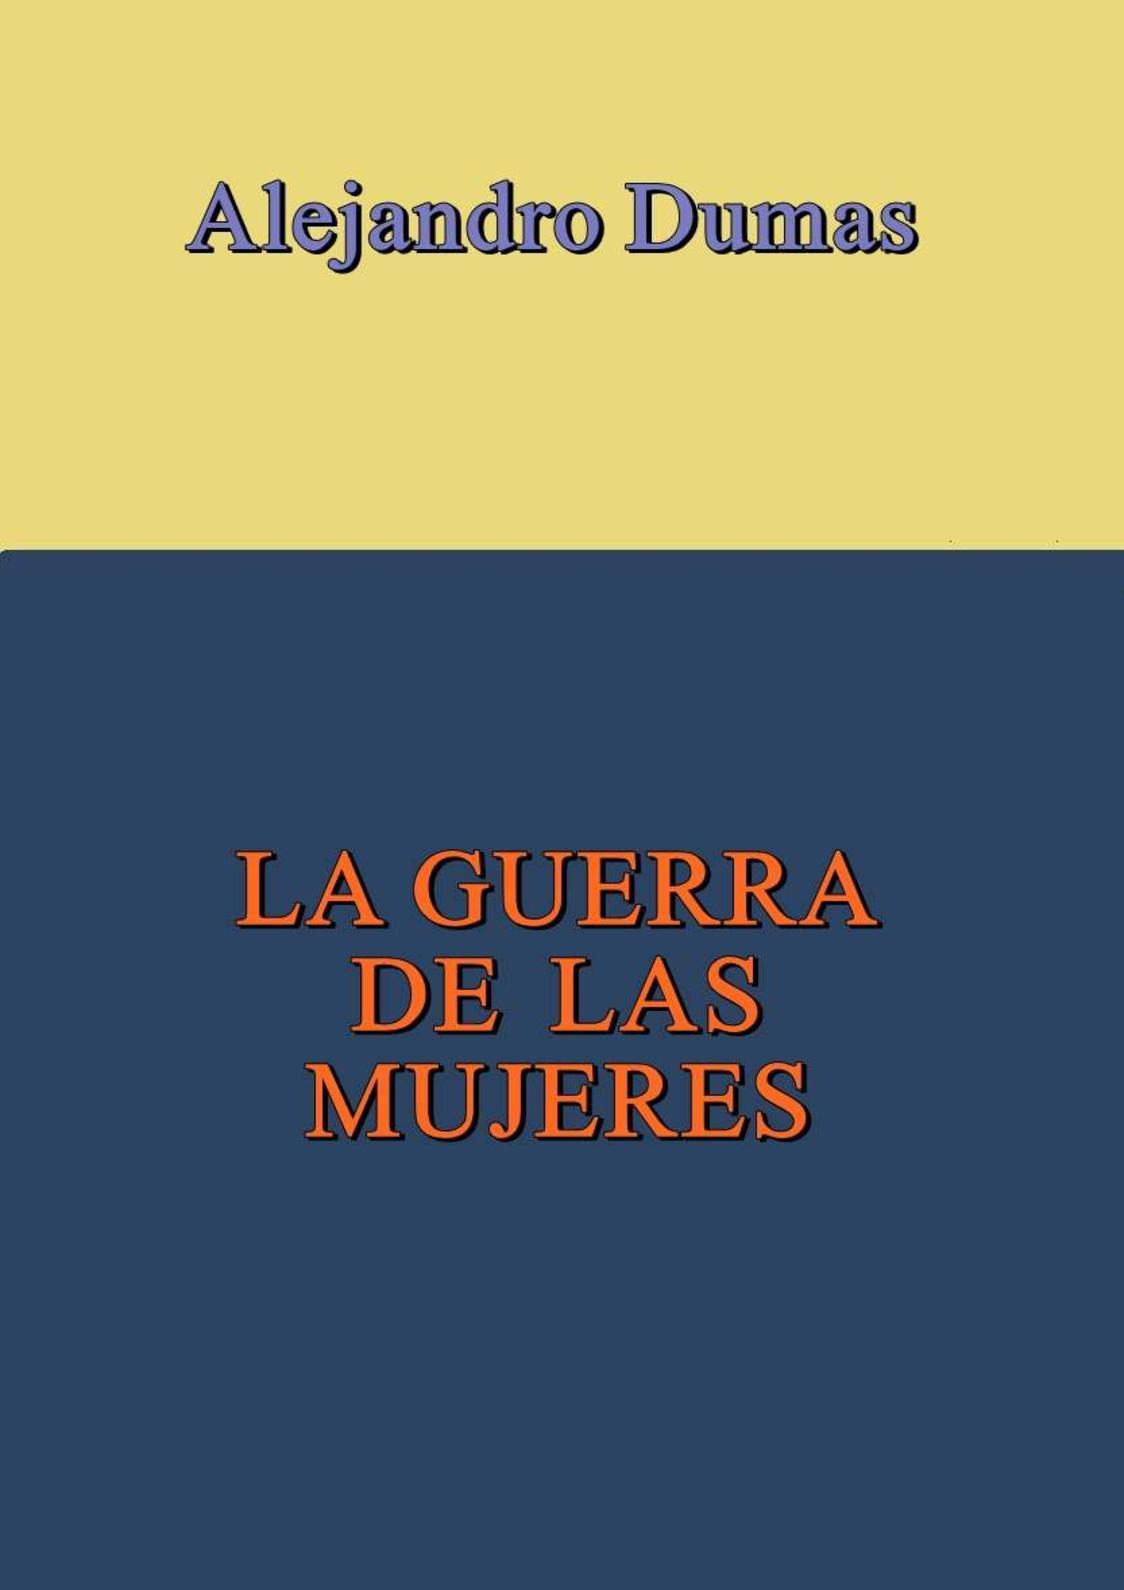 Anuncio De La-89359